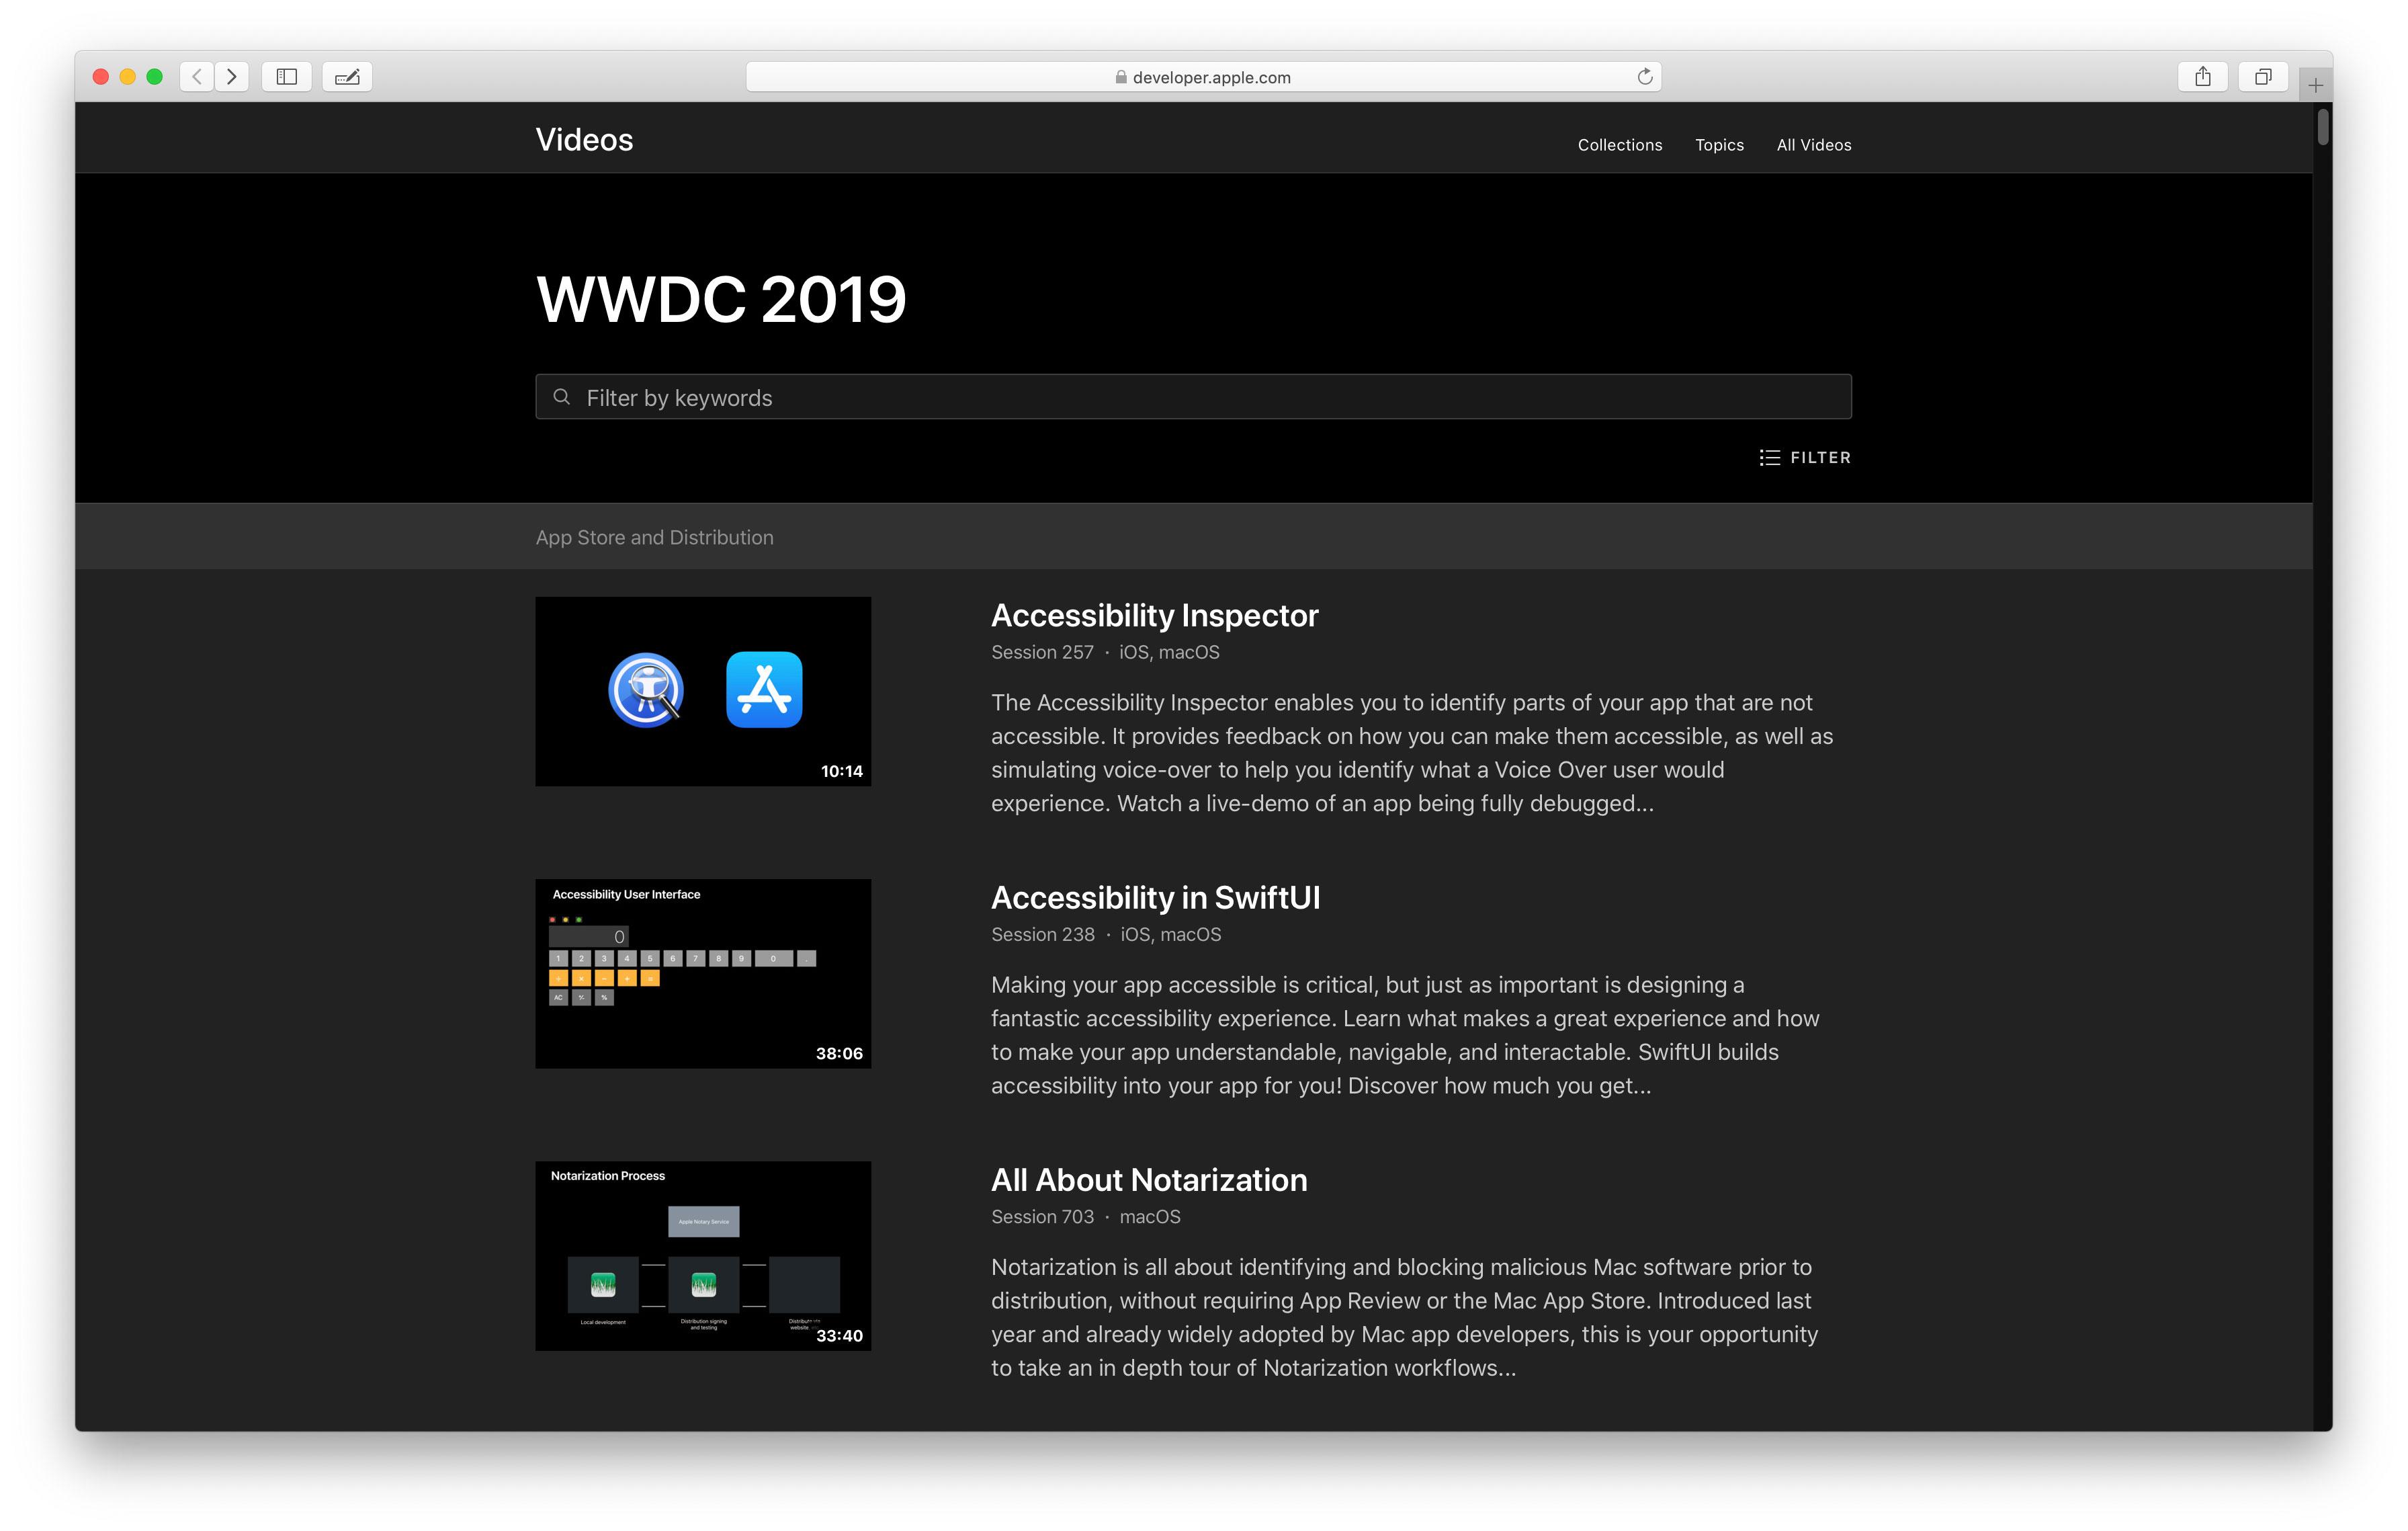 https://www.macfreak.nl/modules/news/images/zArt.WWDC2019DoorzoekbaarVideoArchief.jpg